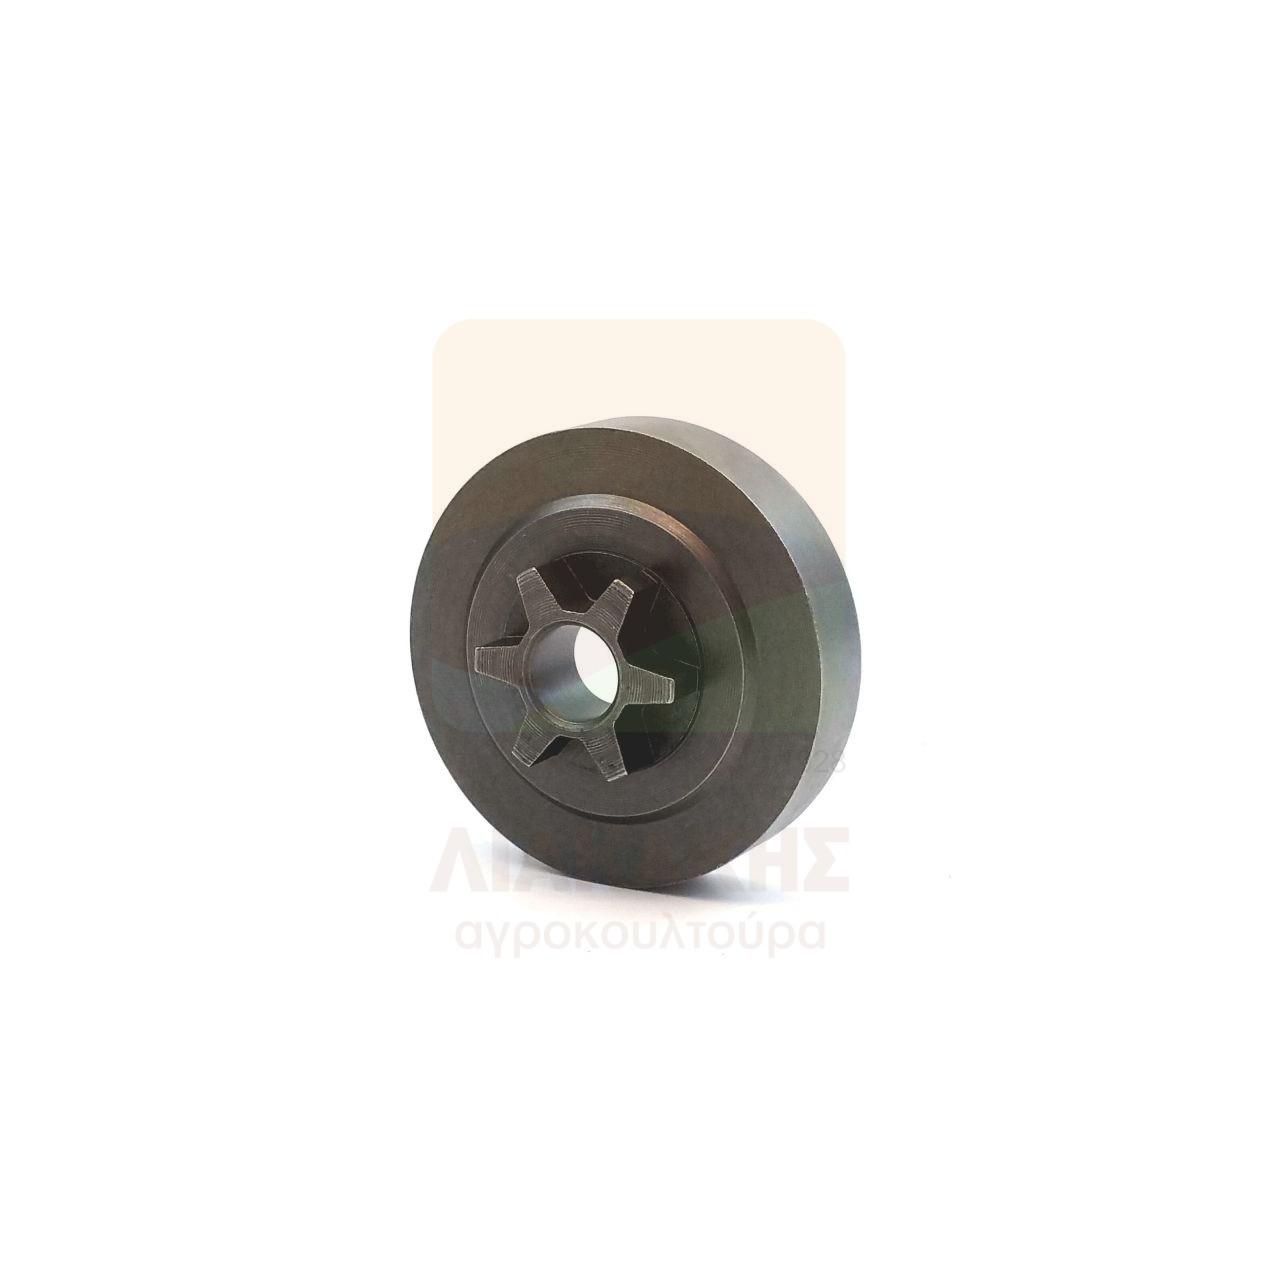 Καμπάνα Original για αλυσοπρίονα Echo - Shindaiwa CS 360-361 ( 6 δόντια, χωρίς ρουλεμάν)